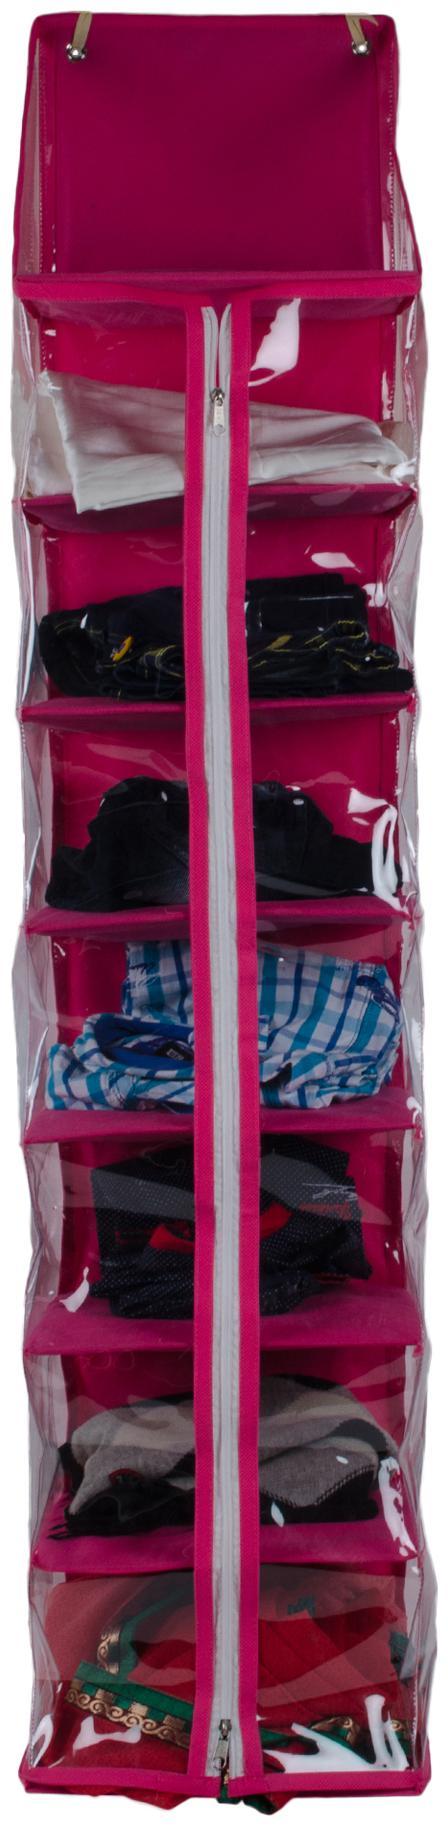 JMD Creation Pink Hanging Shoe Organizer